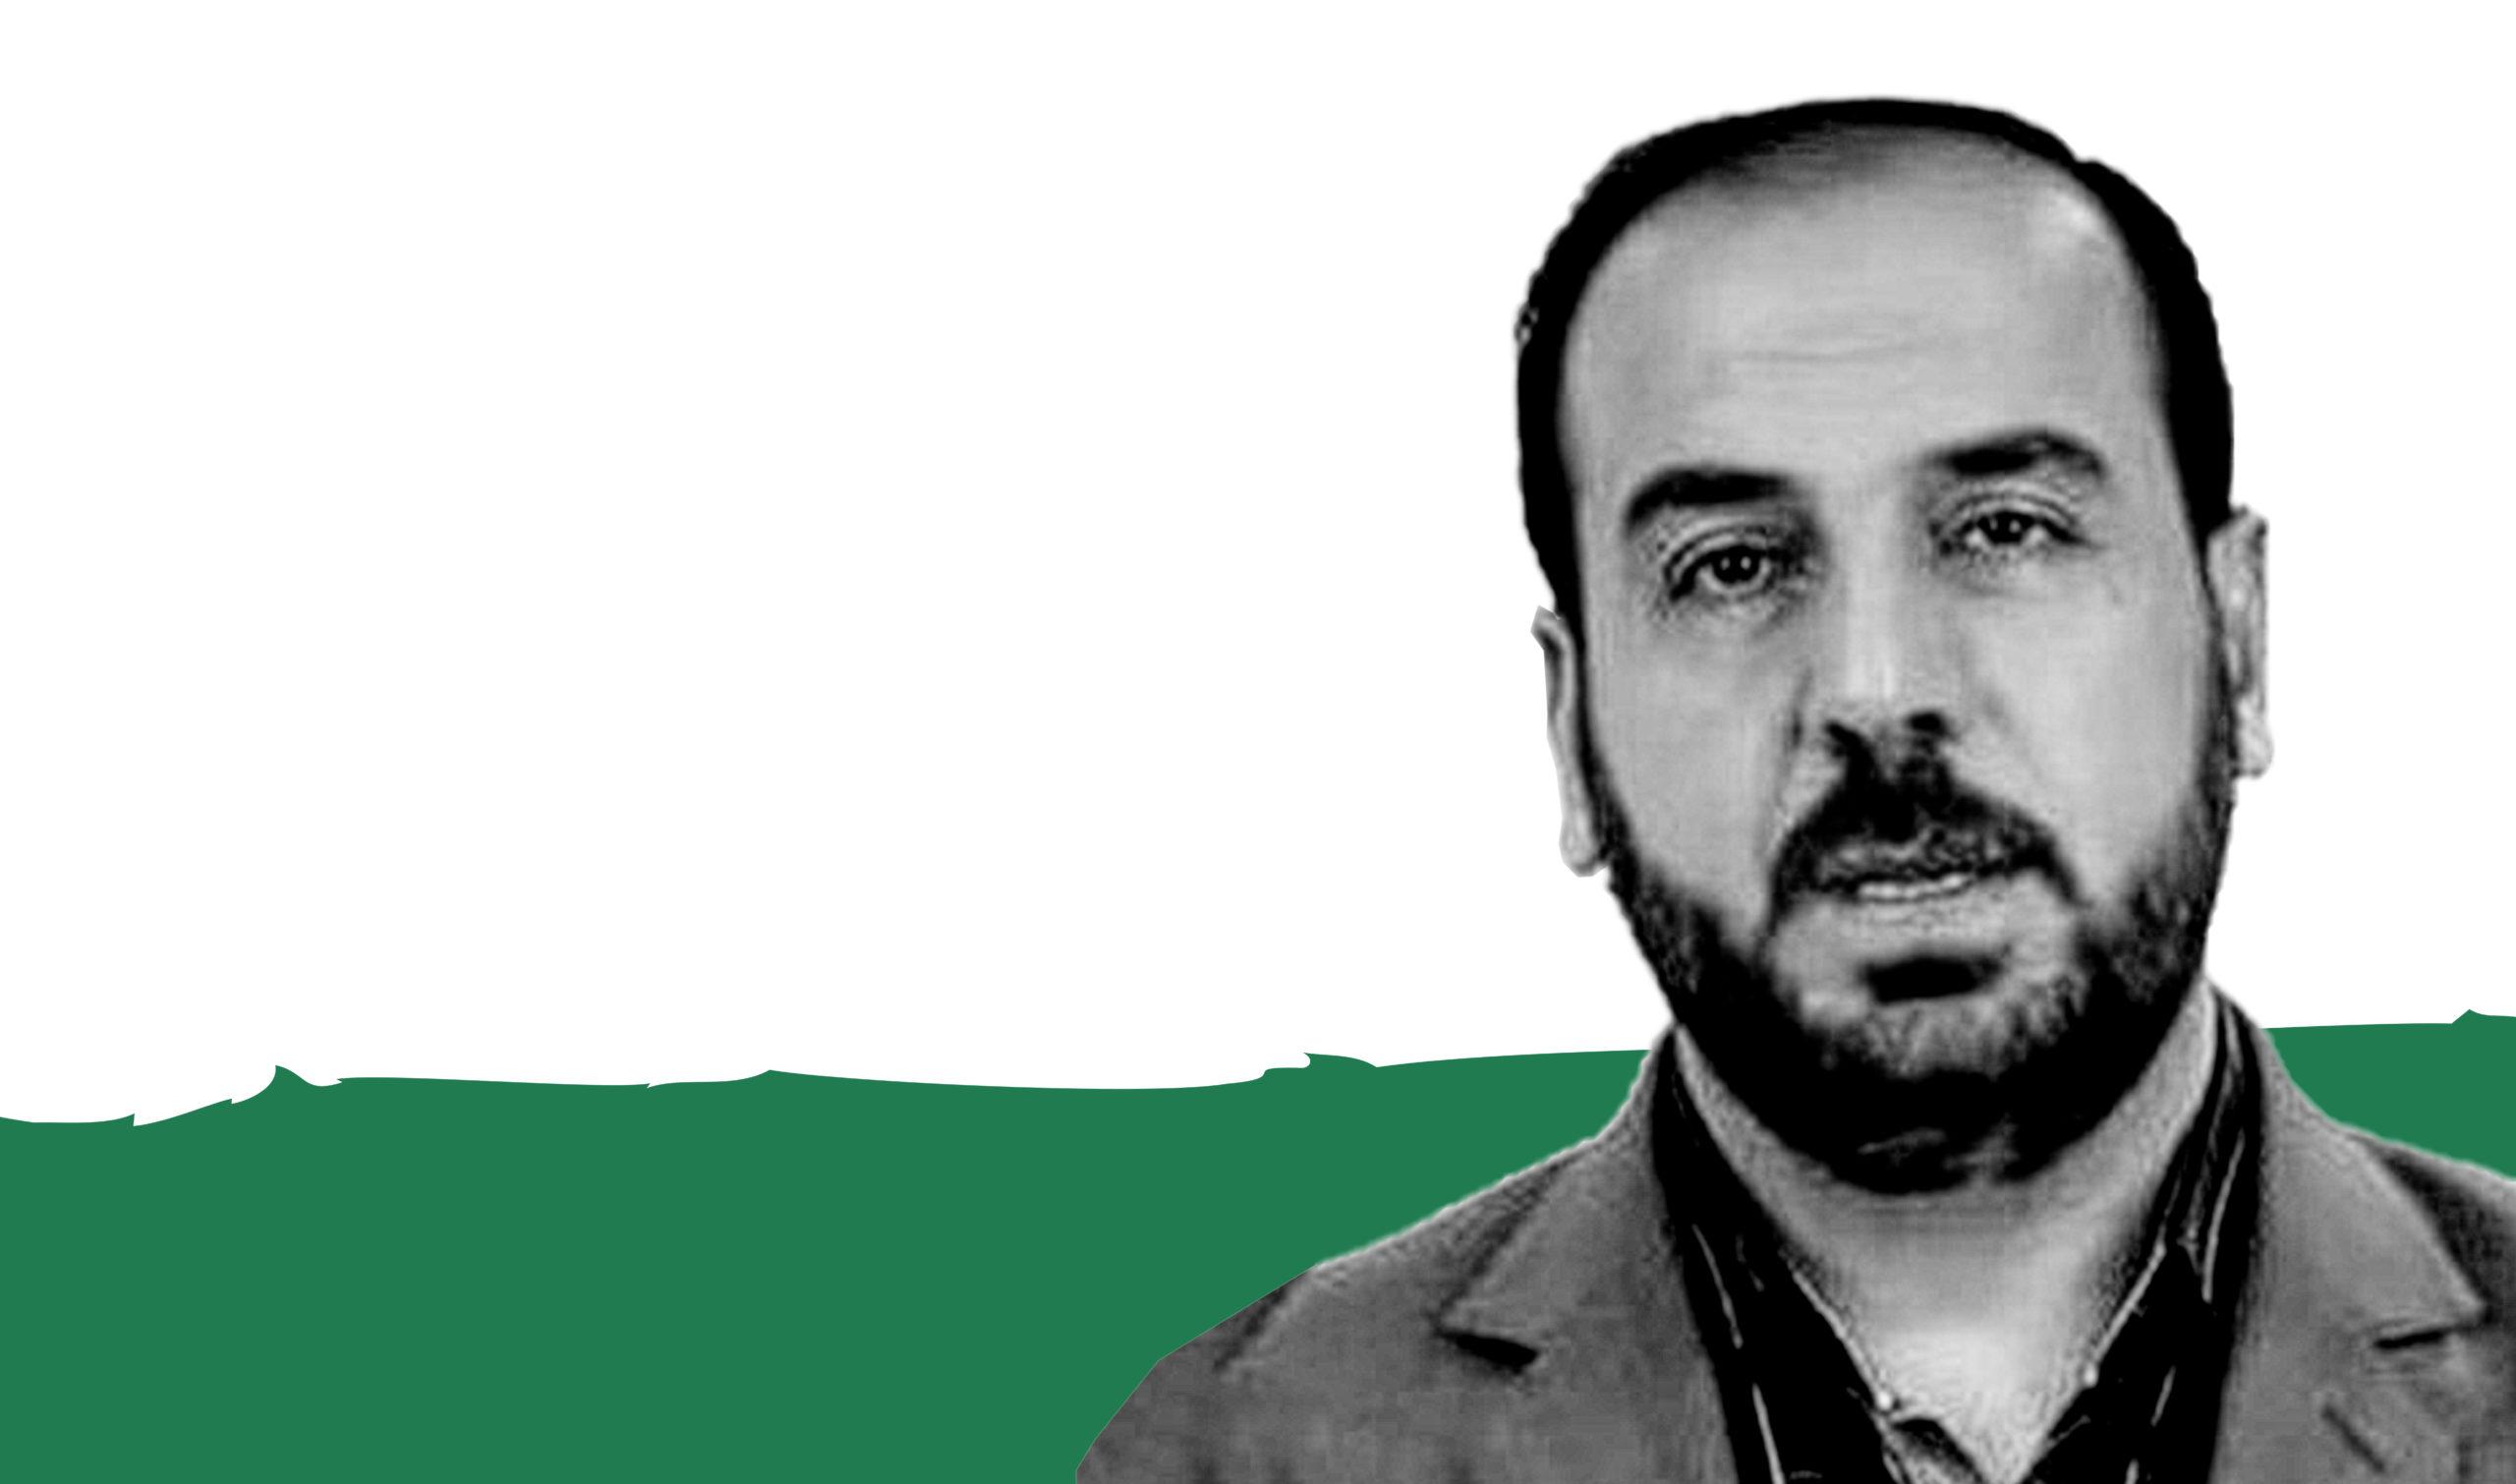 رئيس الائتلاف الوطني السوري نصر الحريري